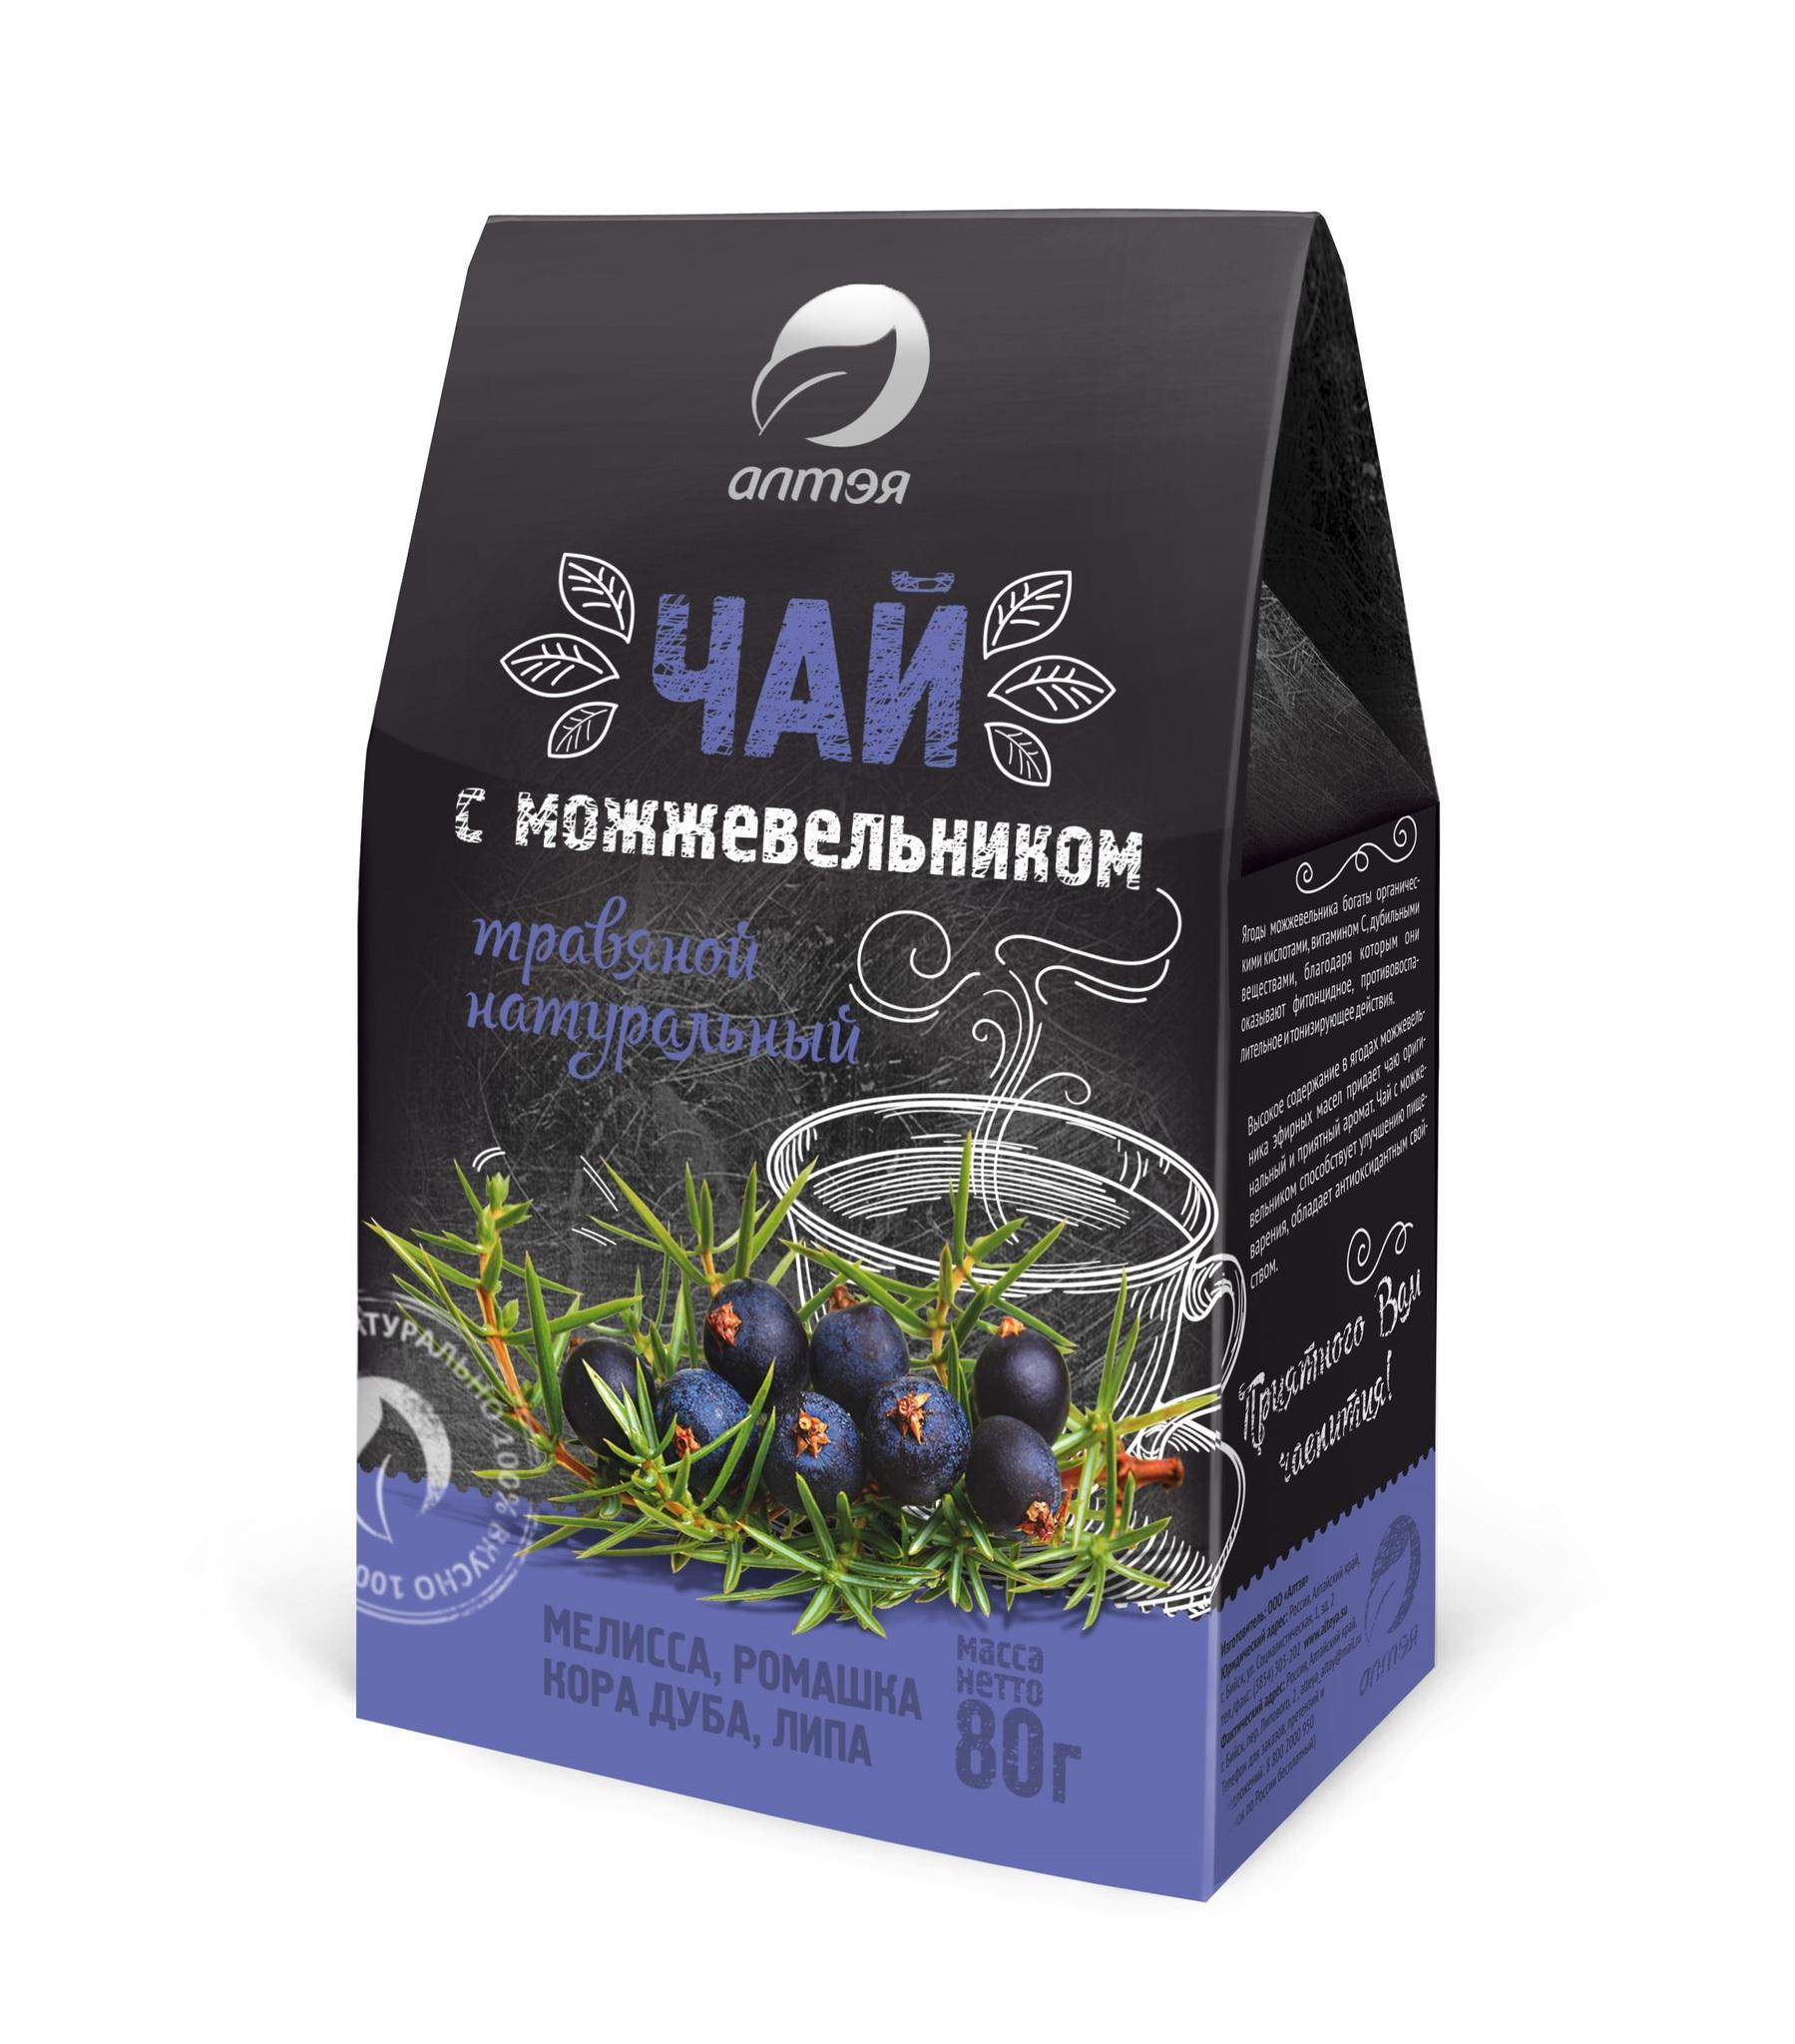 Травяной чай с черной смородиной фото1